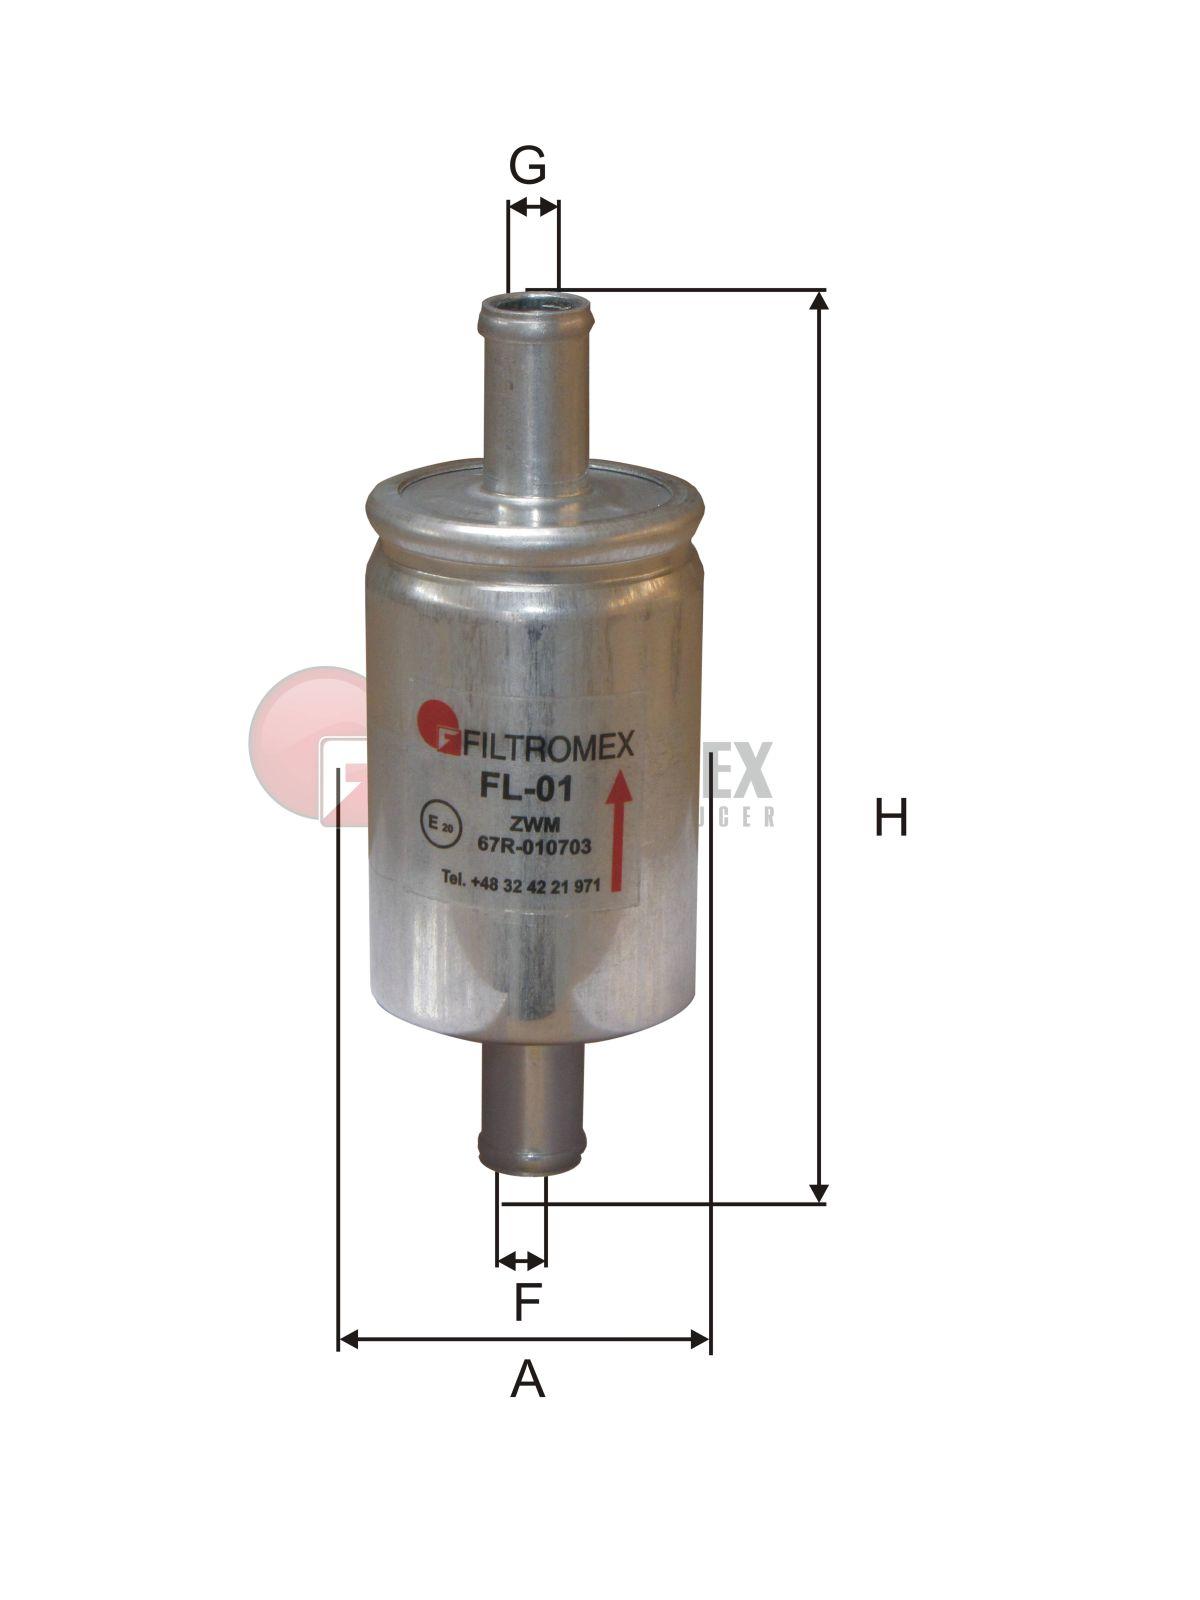 FL01-14mm-14mm